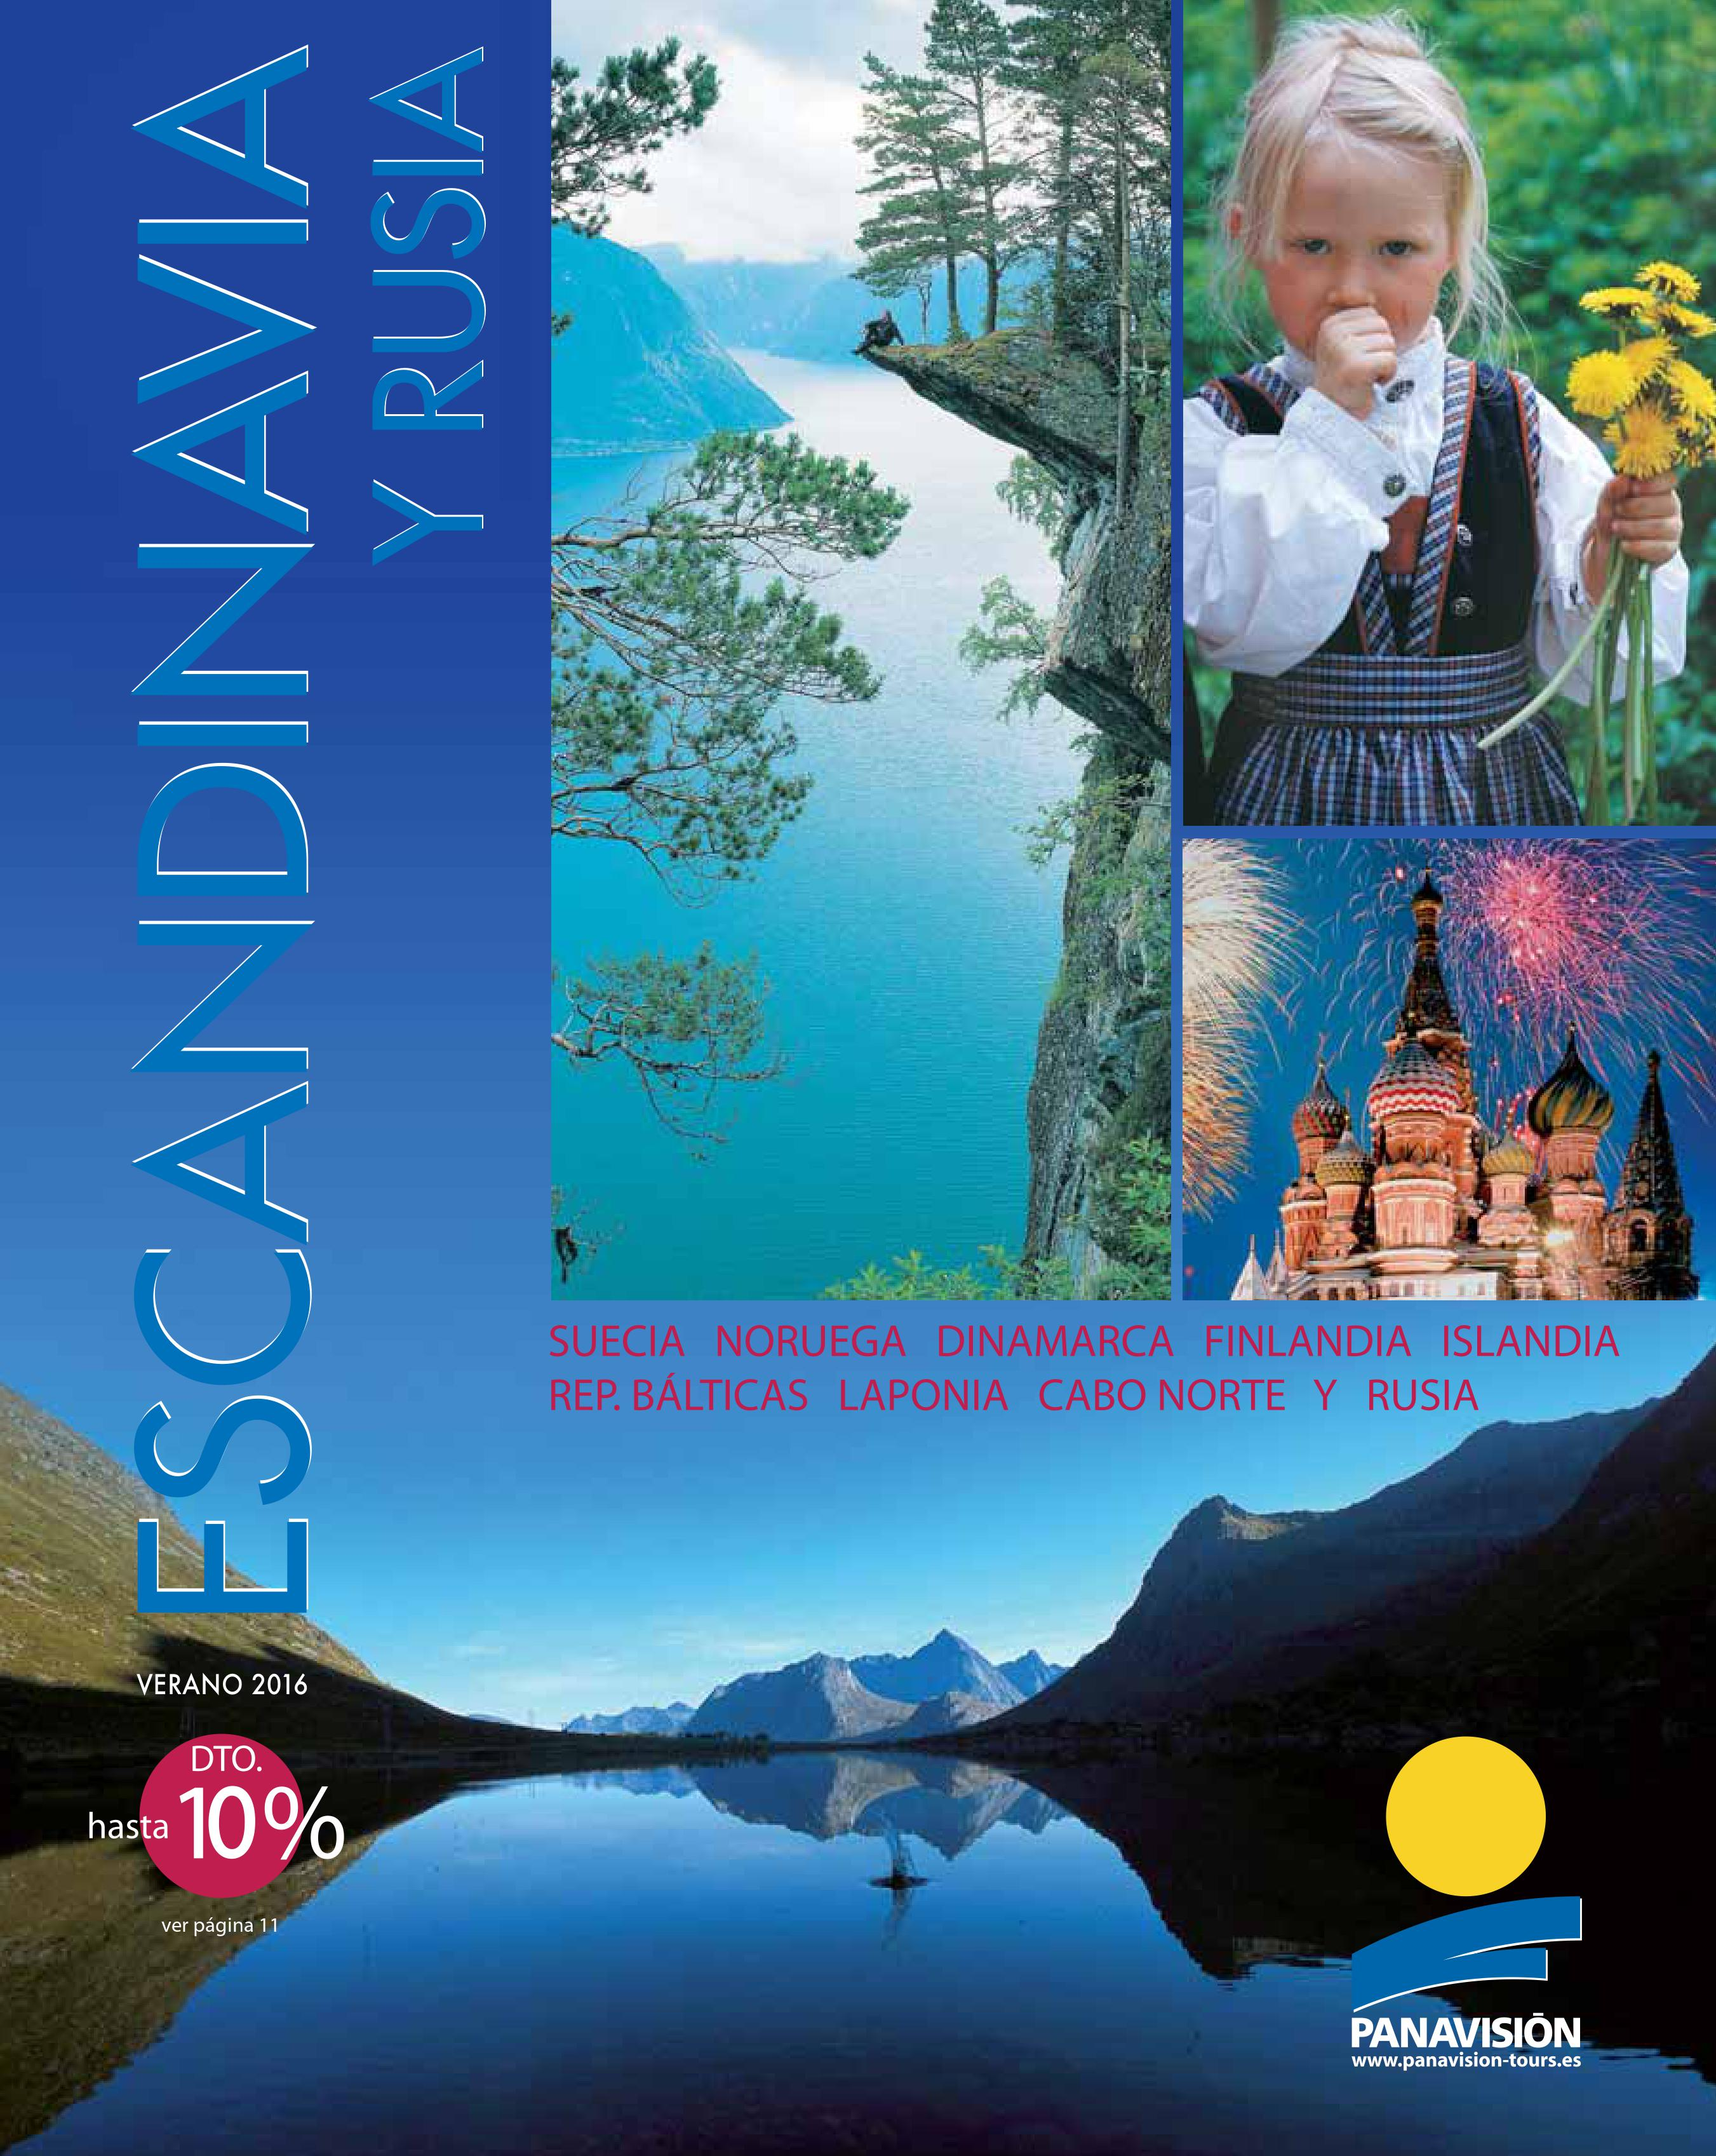 Panavisión Tours presenta su nuevo folleto Estandinavia y Rusia